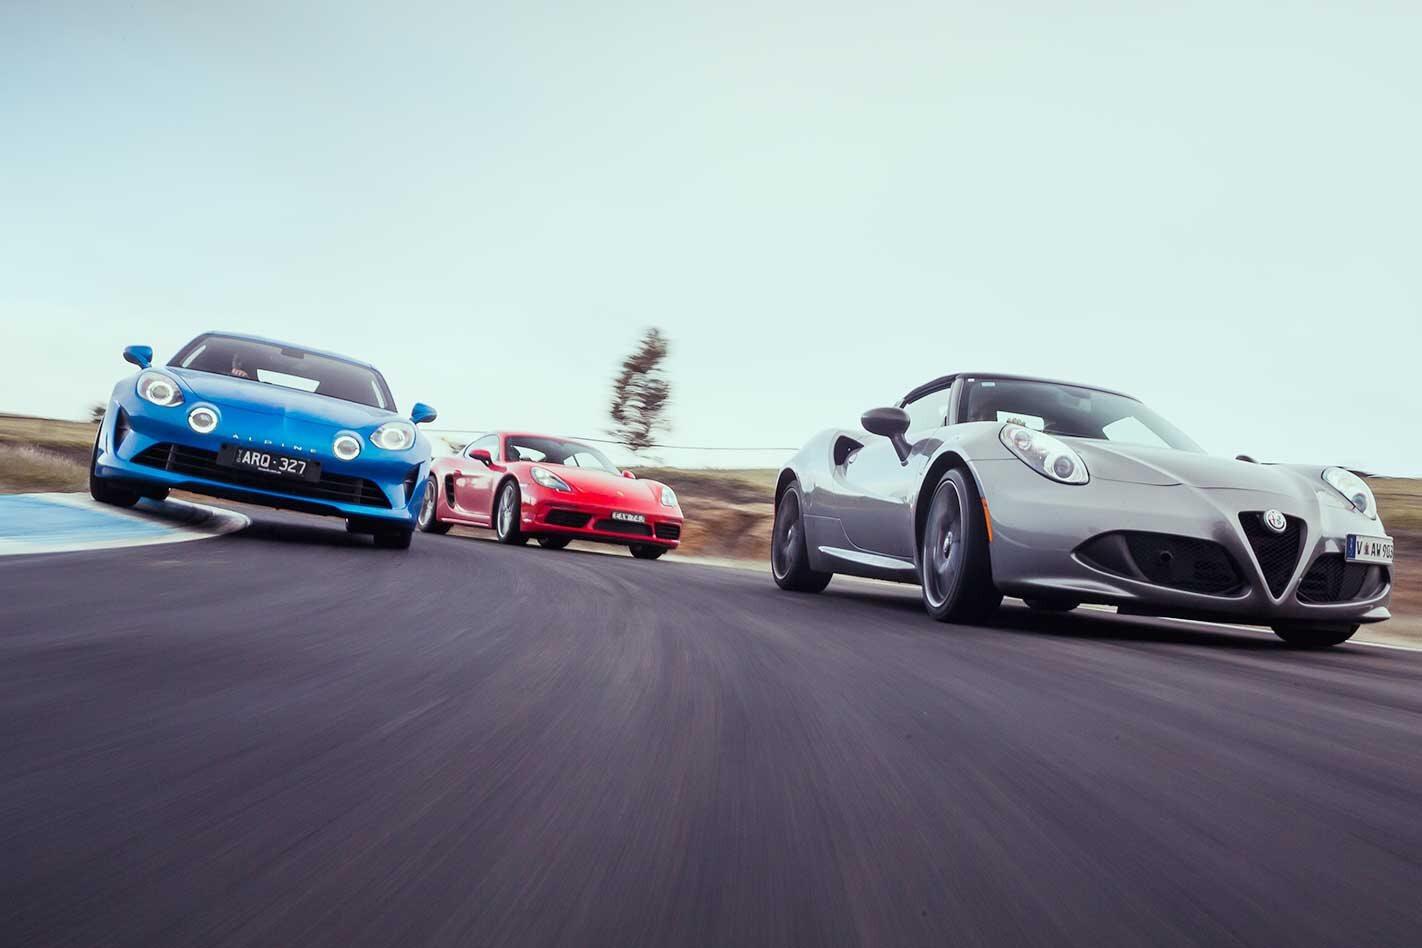 Alpine A110 vs Porsche 718 Cayman vs Alfa Romeo 4C Spider comparison review